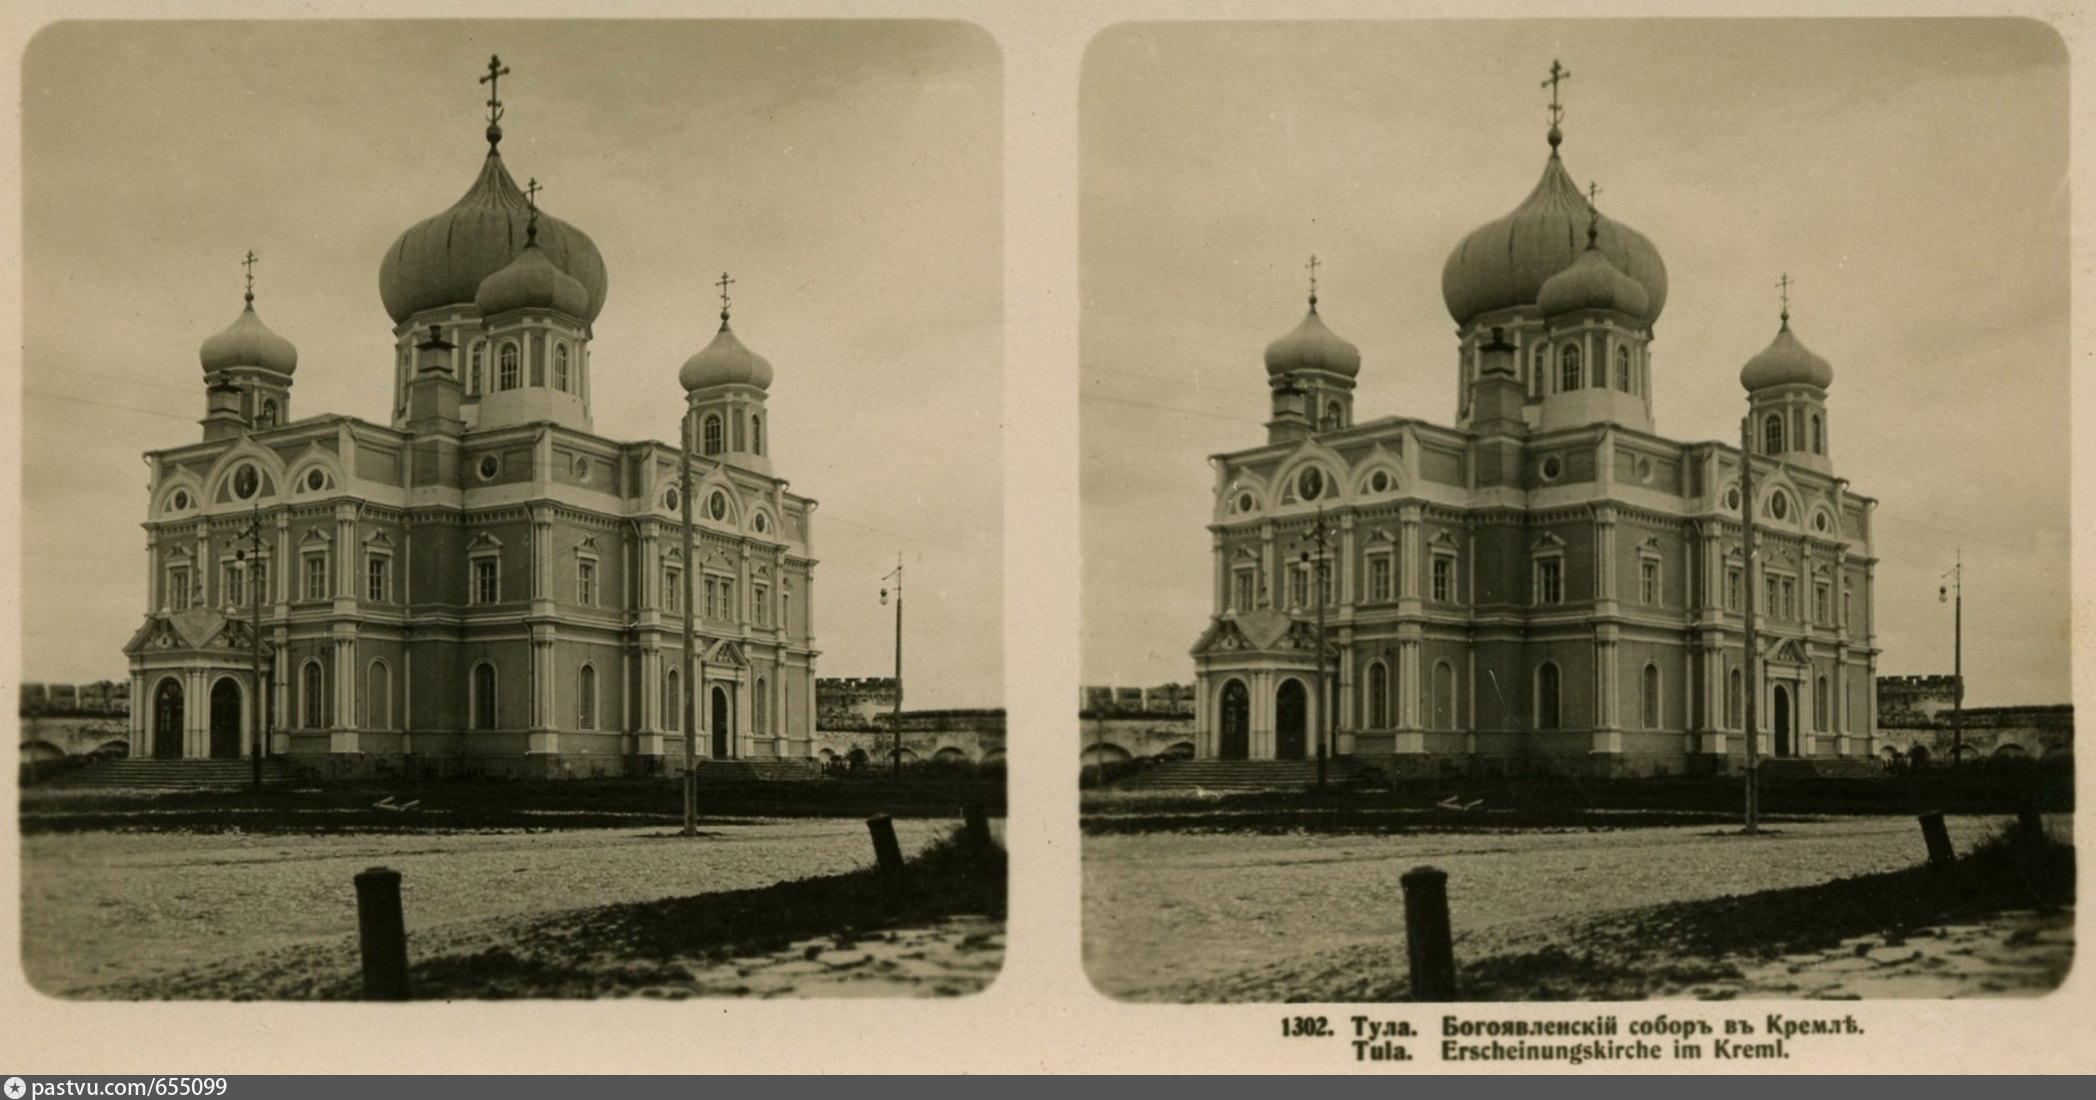 Epiphany cathedral of Tula Kremlin, beg. 20 c.